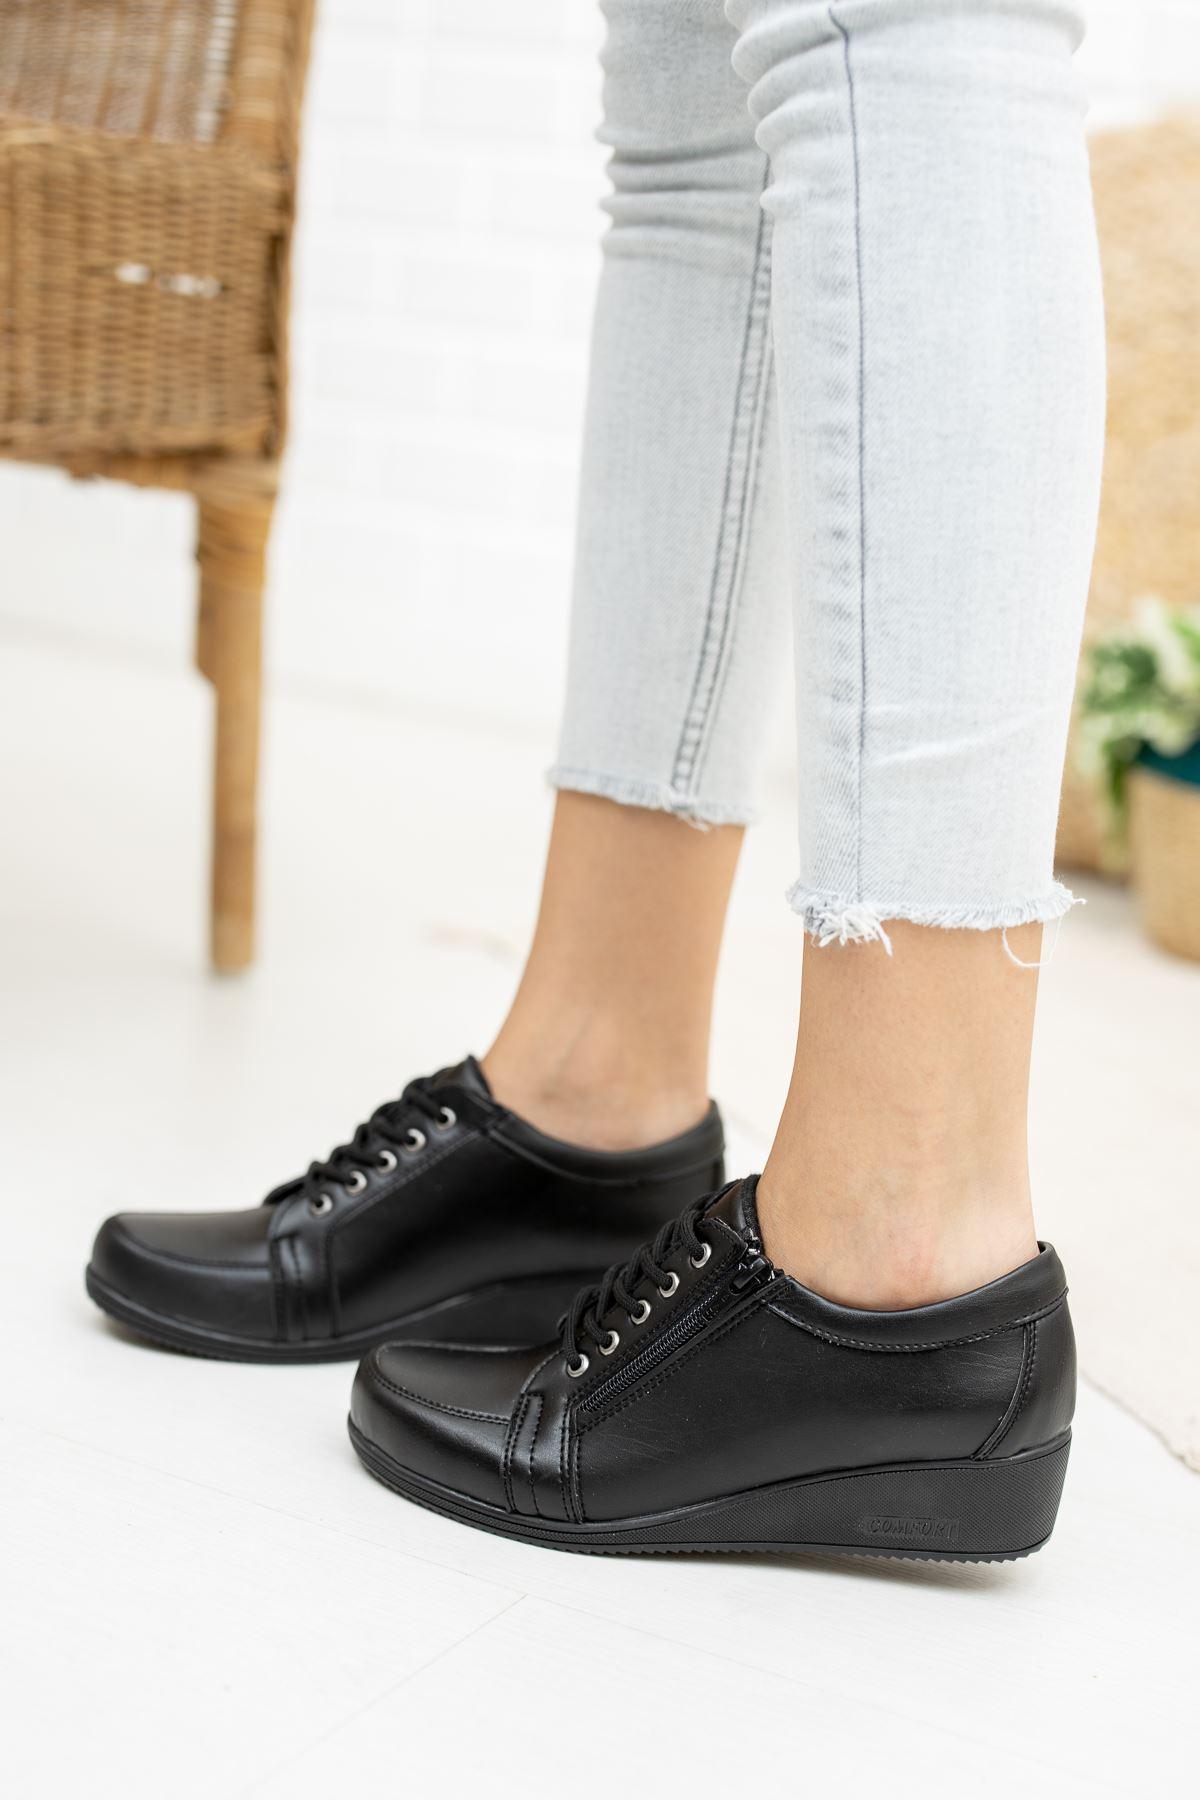 Fermuarlı Bağcıklı Ortapedik Pedli Siyah Cilt Ayakkabı